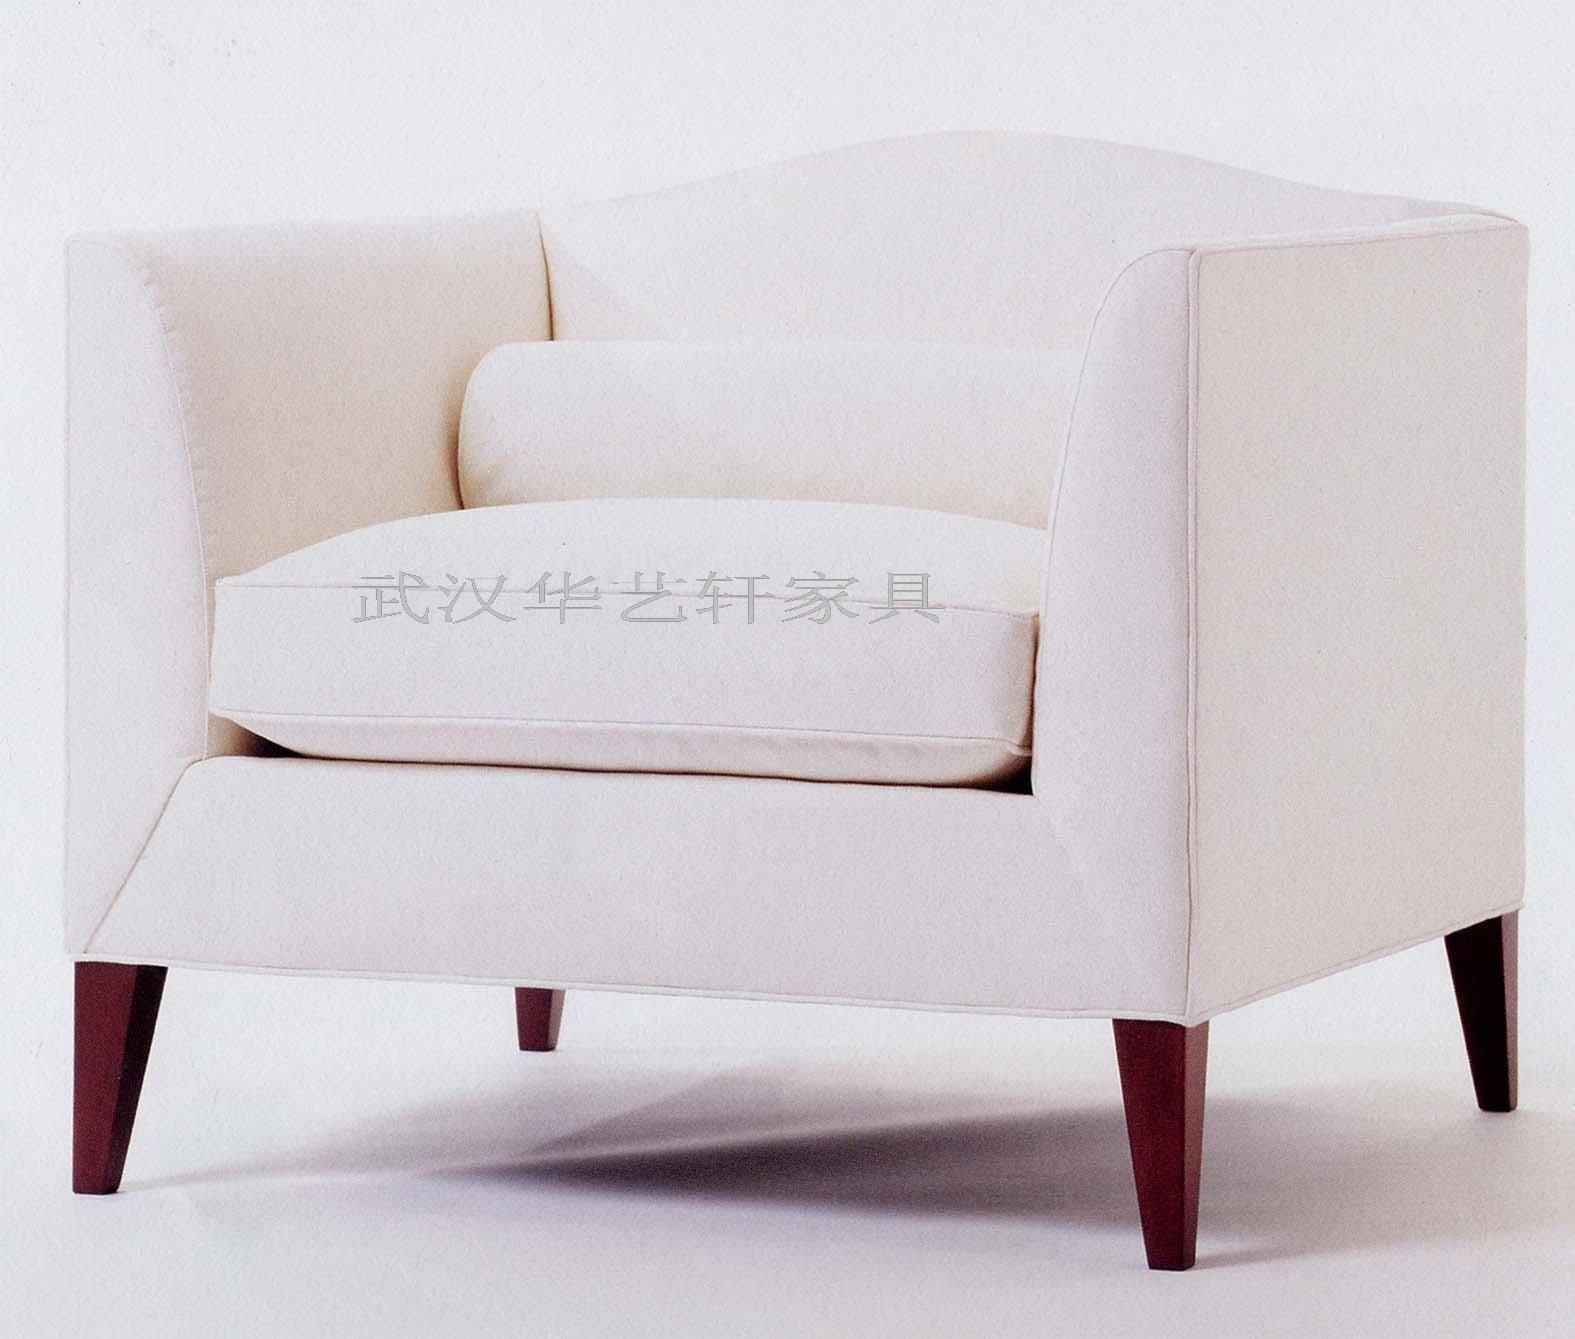 供应简约休闲单人沙发